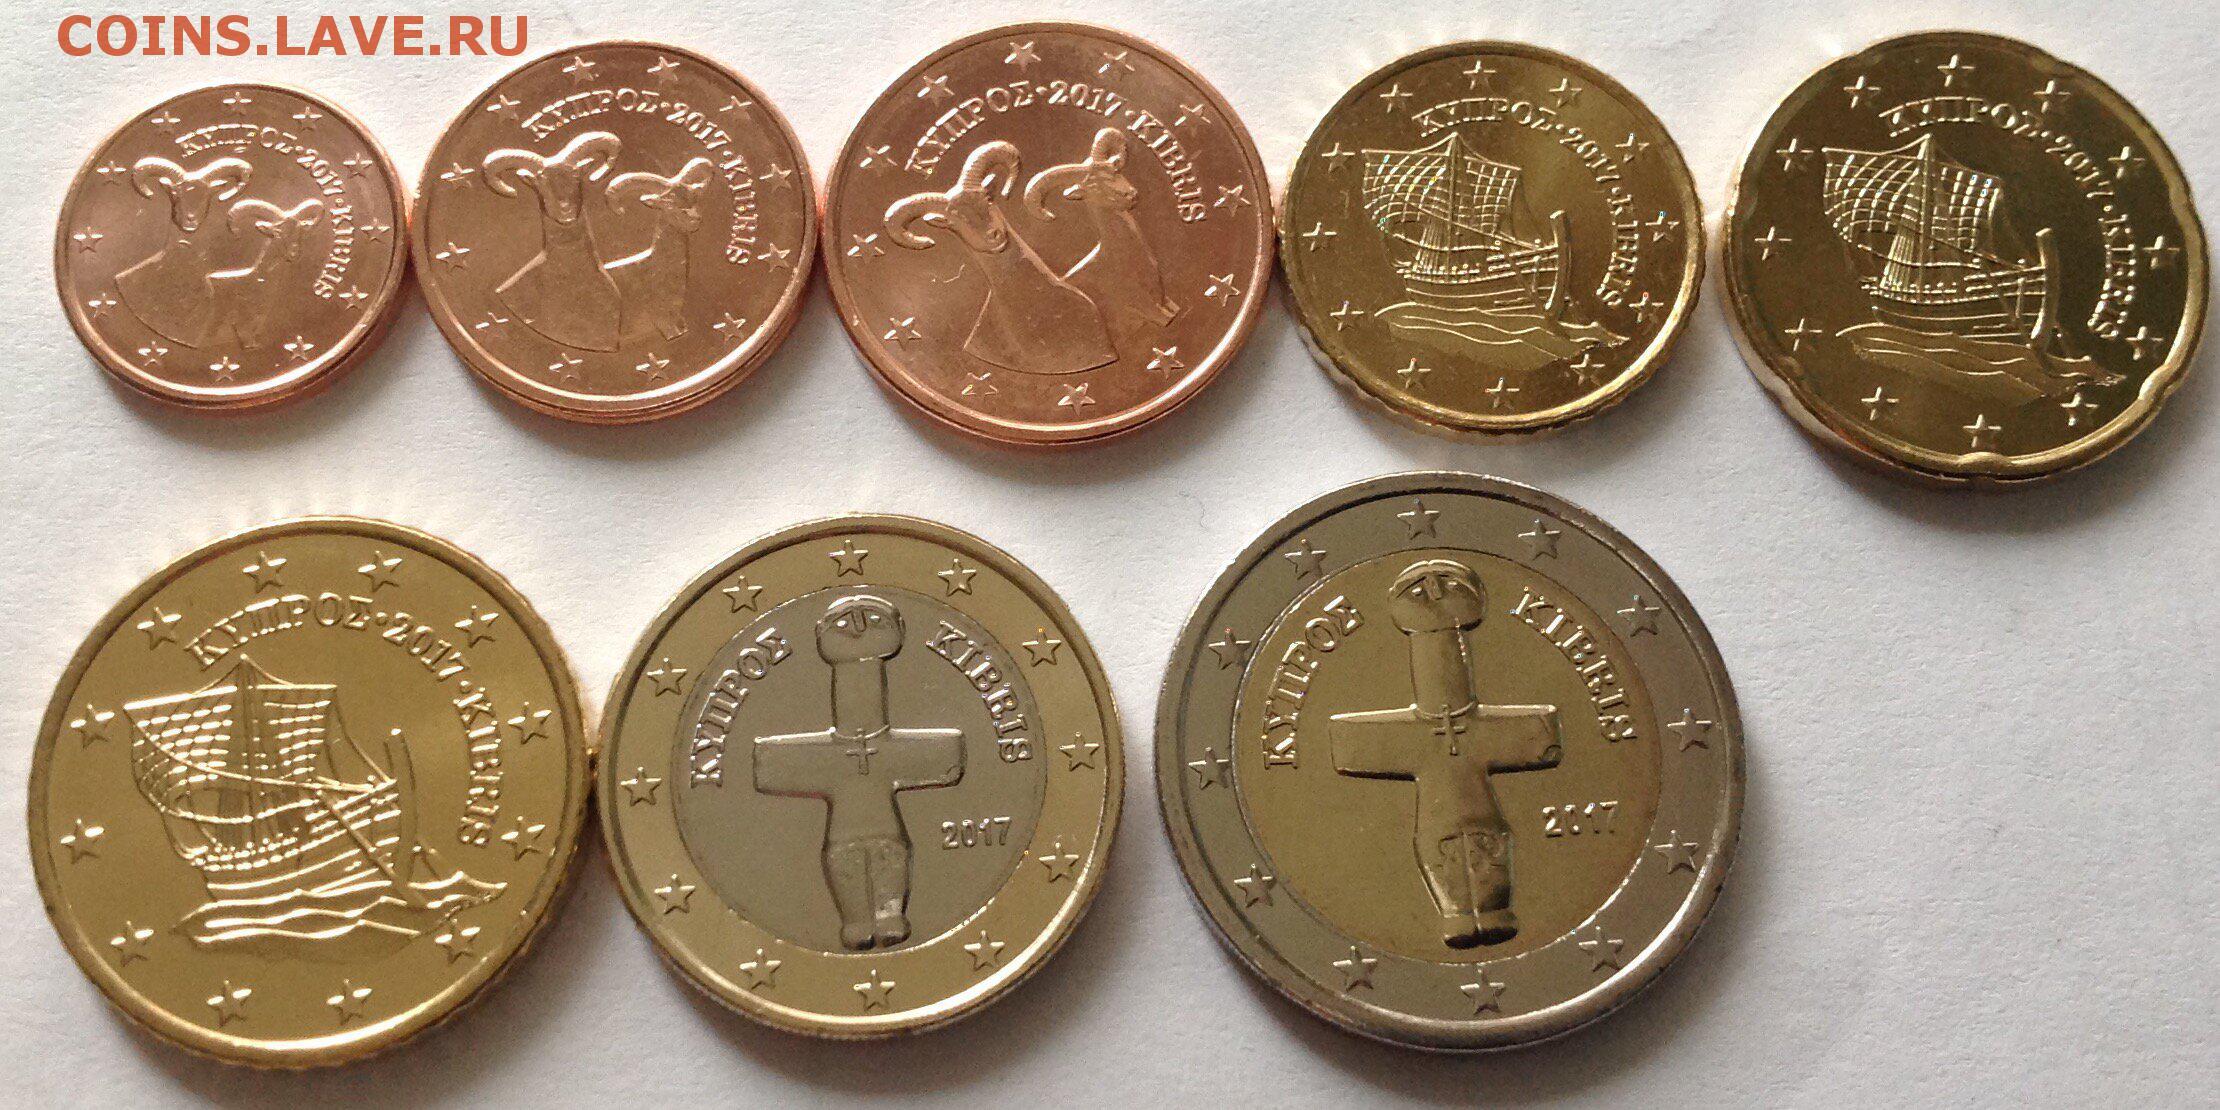 Стоимость монеты в сбербанке 10тенге 2004 года 1726 г